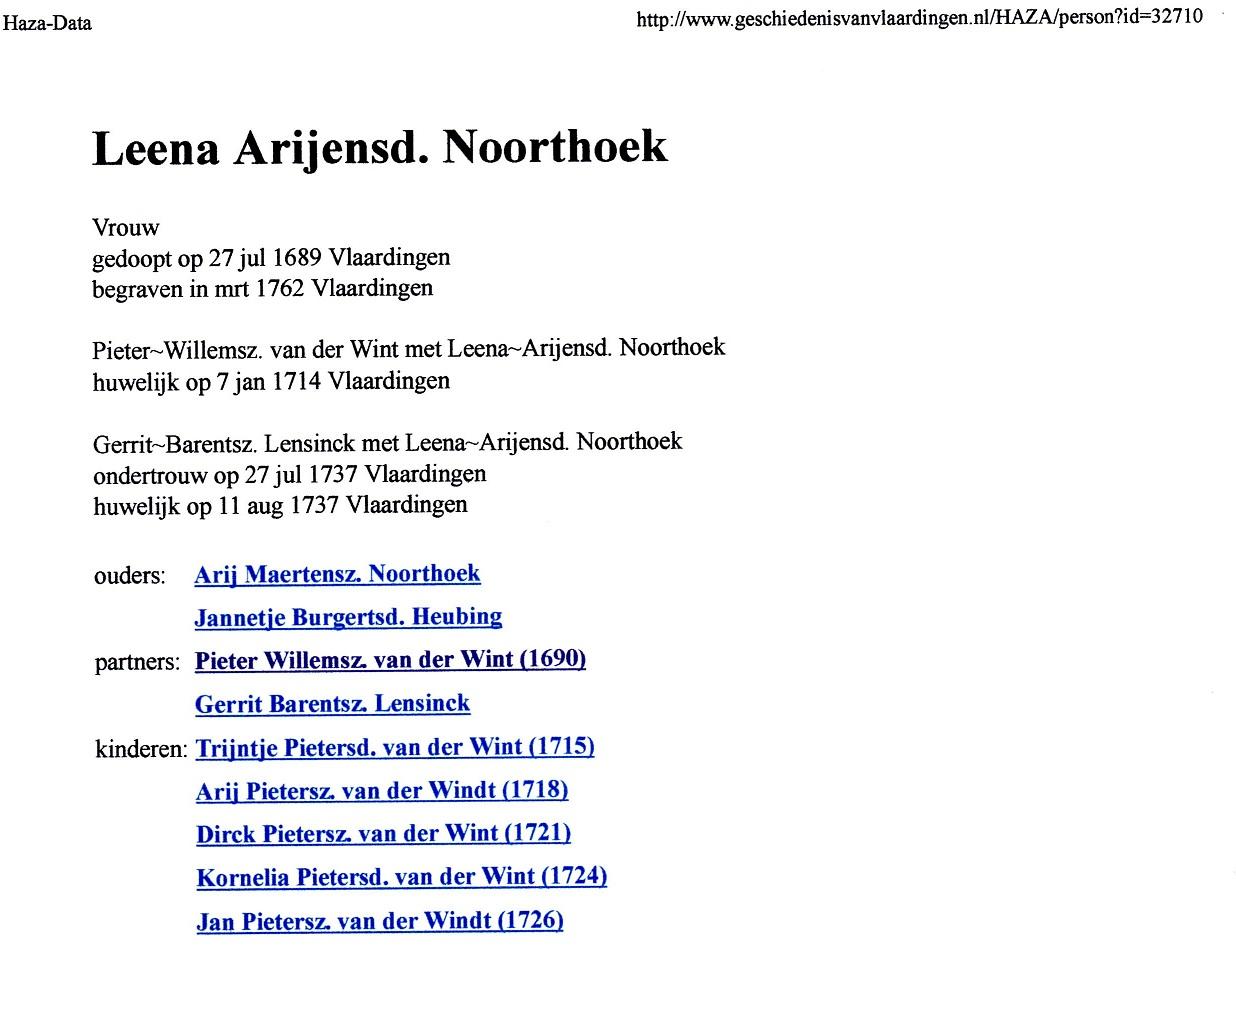 1689-07-27 Leena Arijensd Noorthoek